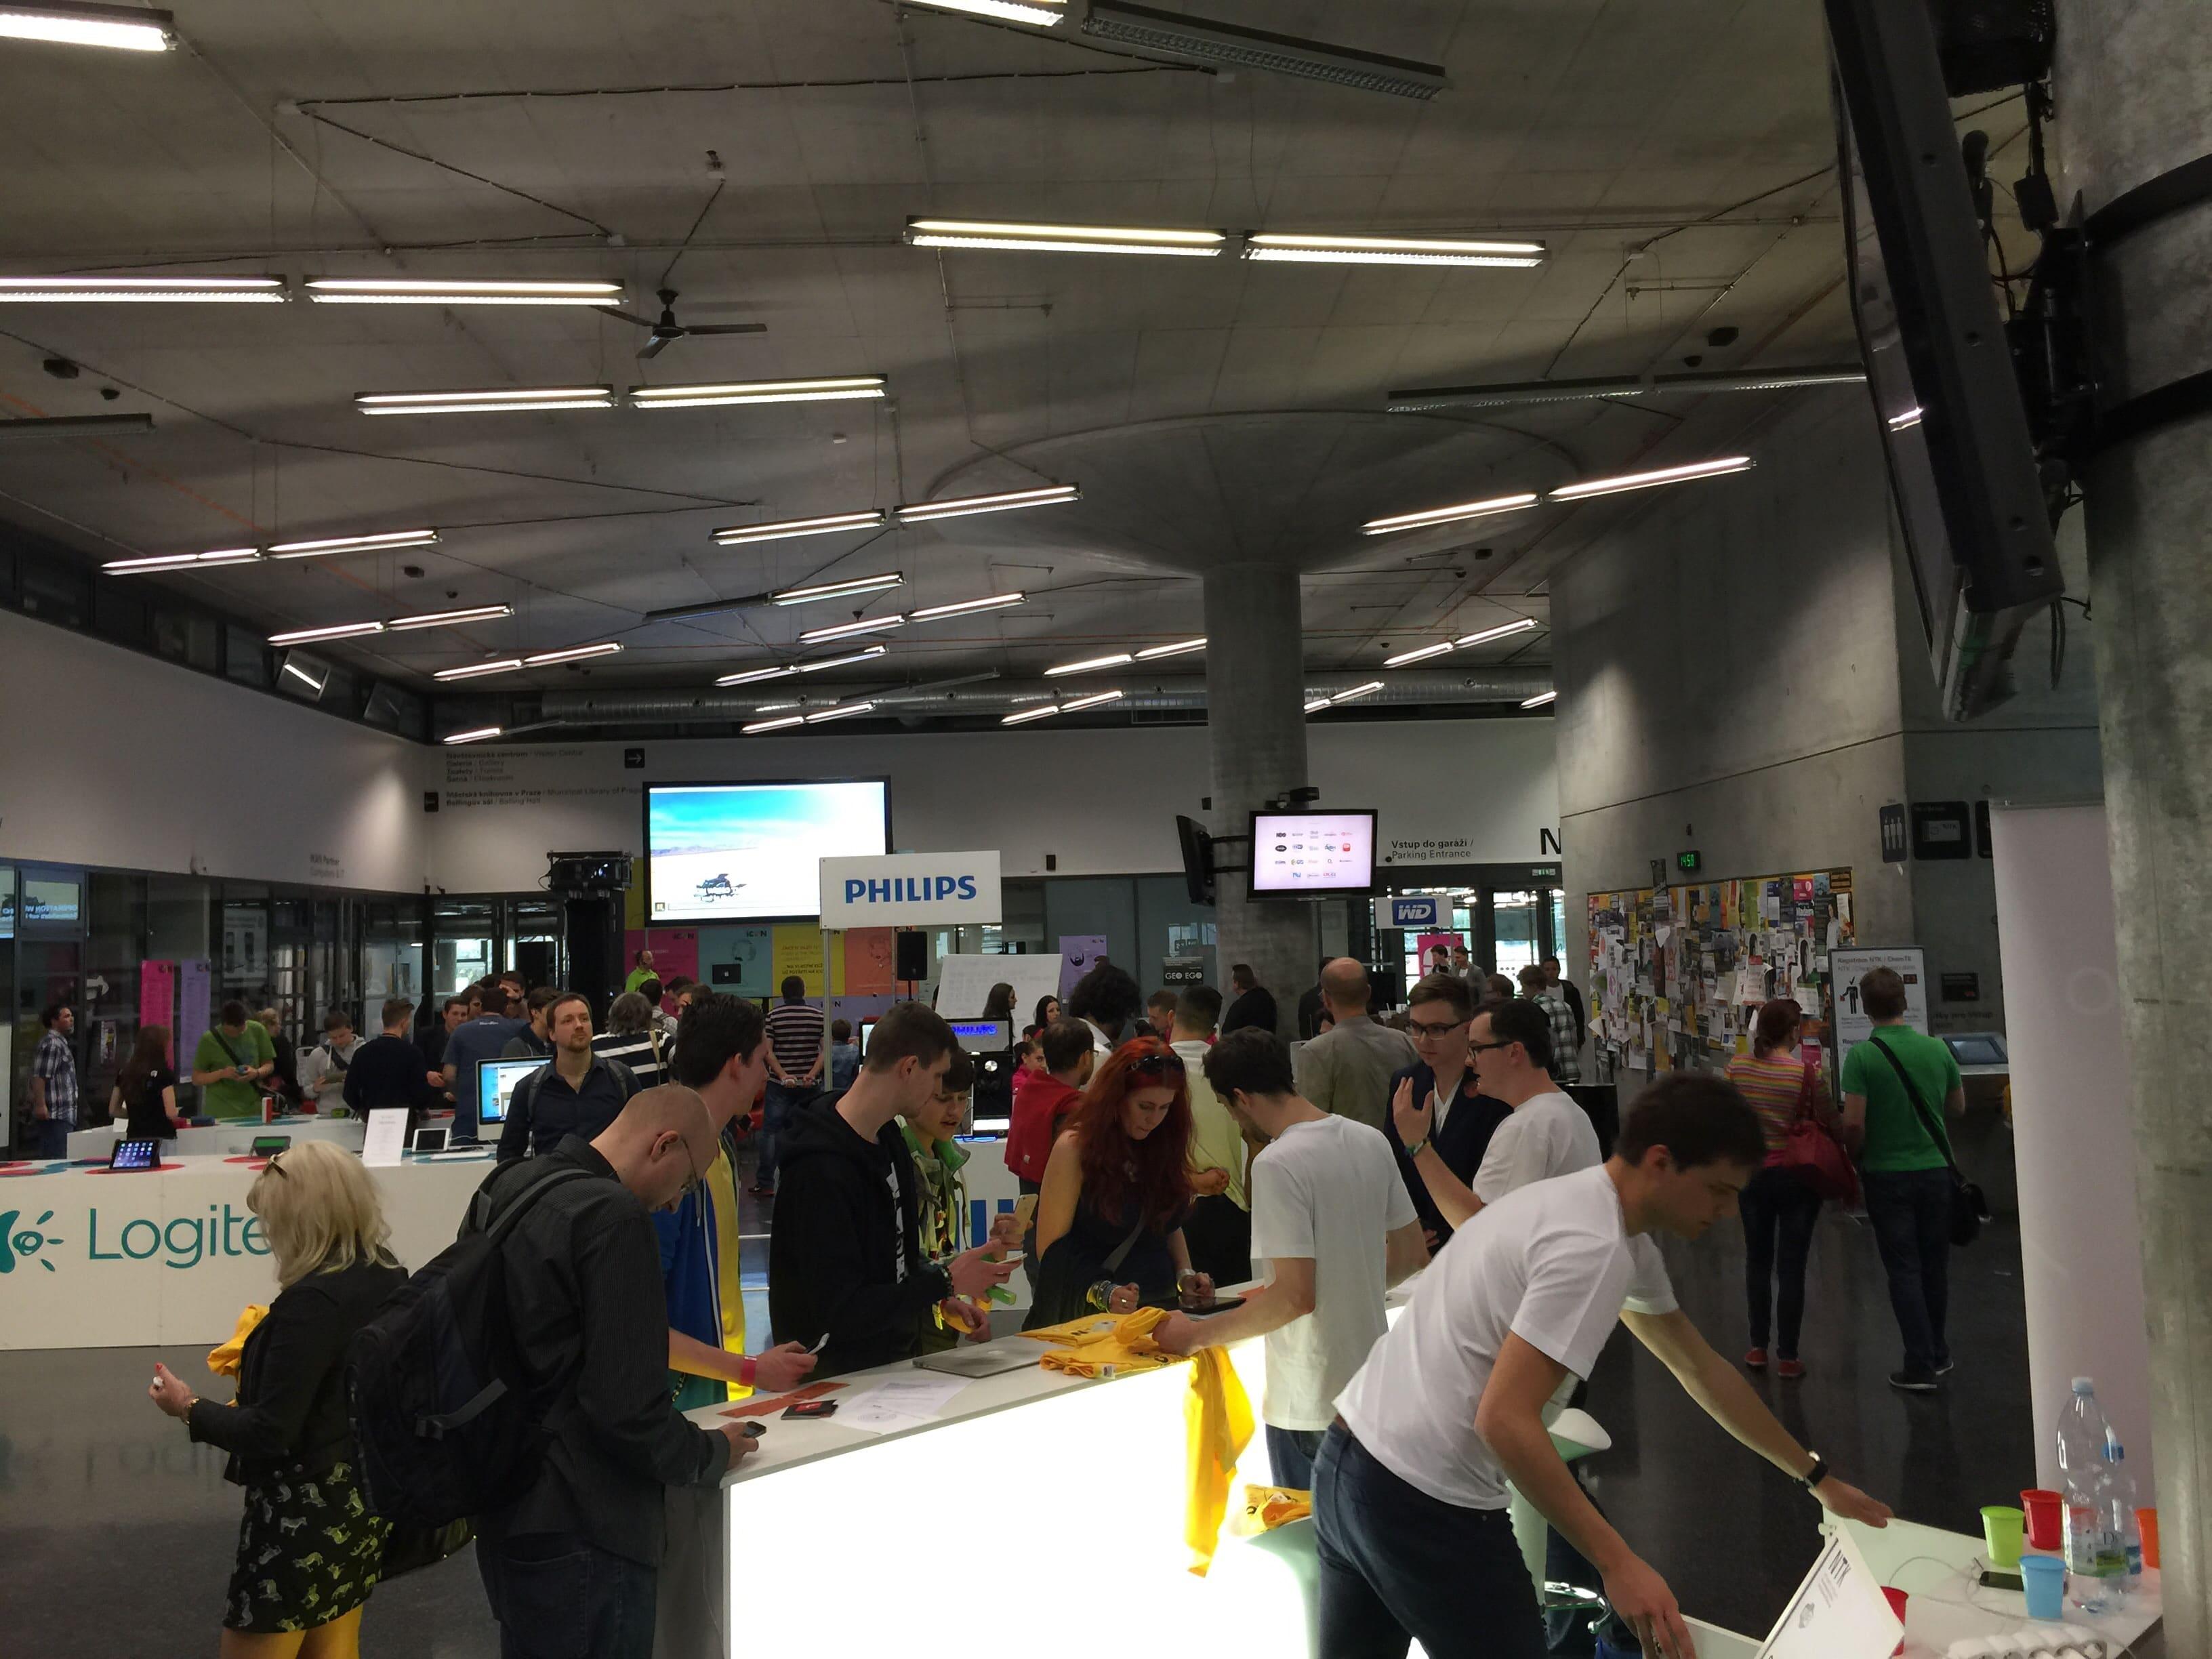 Na konferencií sa pohybovalo naozaj obrovské množstvo ľudí, patrili medzi nich aj naozaj zaujímavé osobnosti, ktoré konferencia jednoducho zaujala! - svetapple.sk